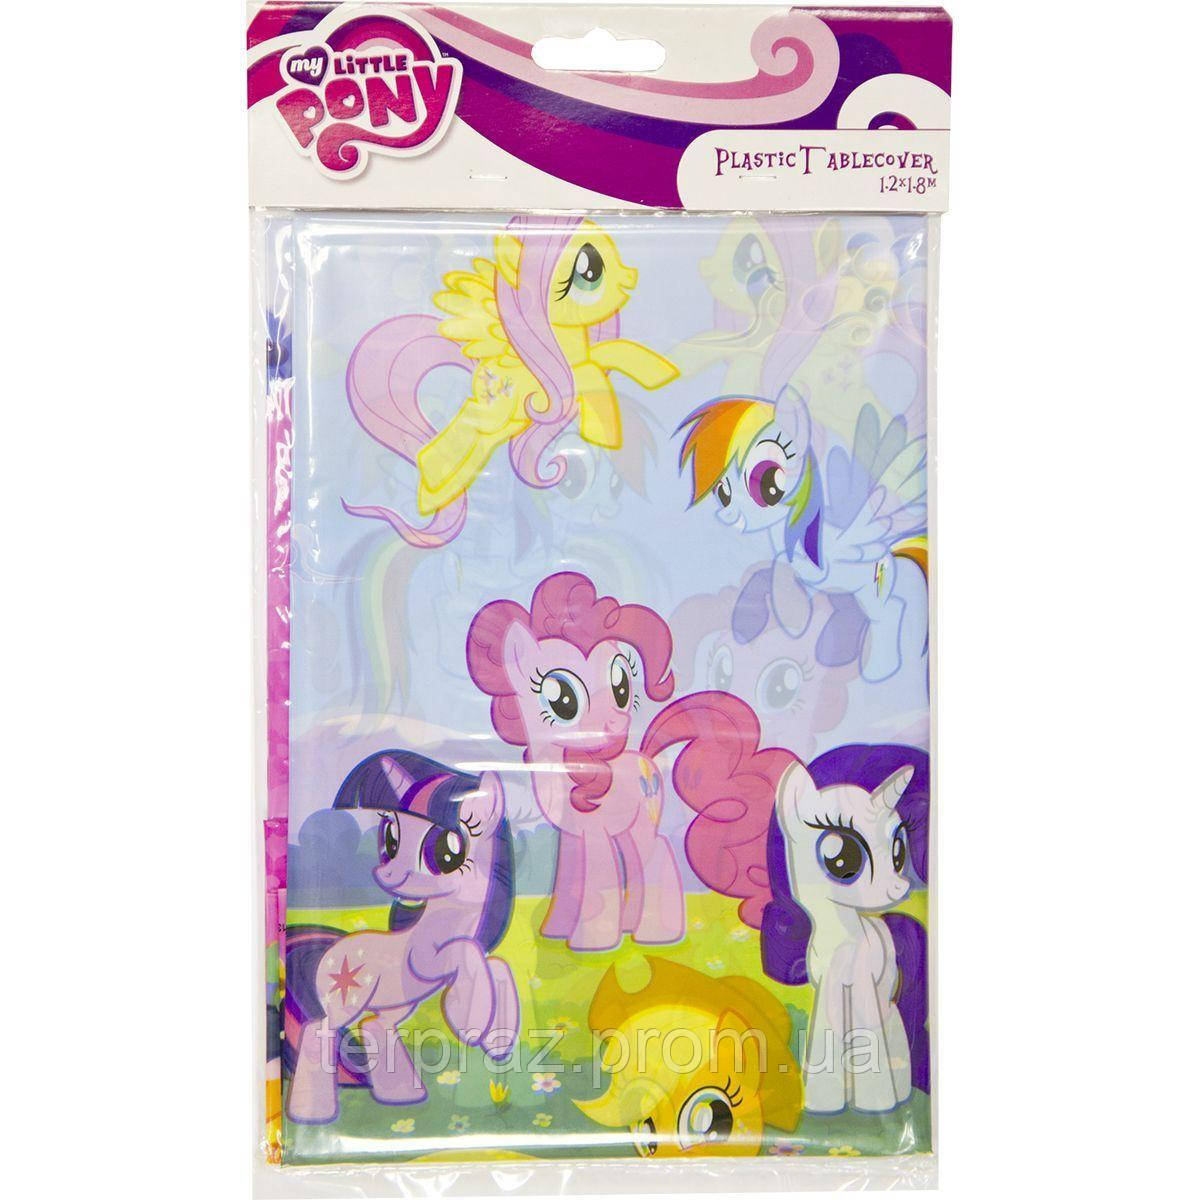 Праздничная сервировка /  Скатерть п/э My Little Pony 1,2х1,8м/А